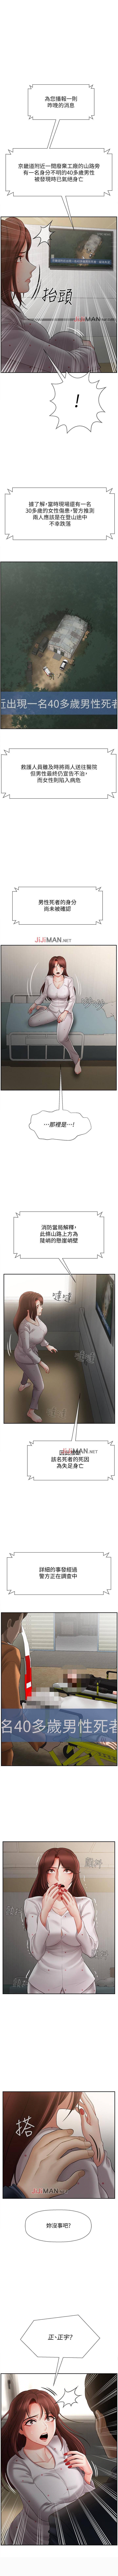 【已休刊】坏老师(作者:朴世談&福) 第1~31话 87